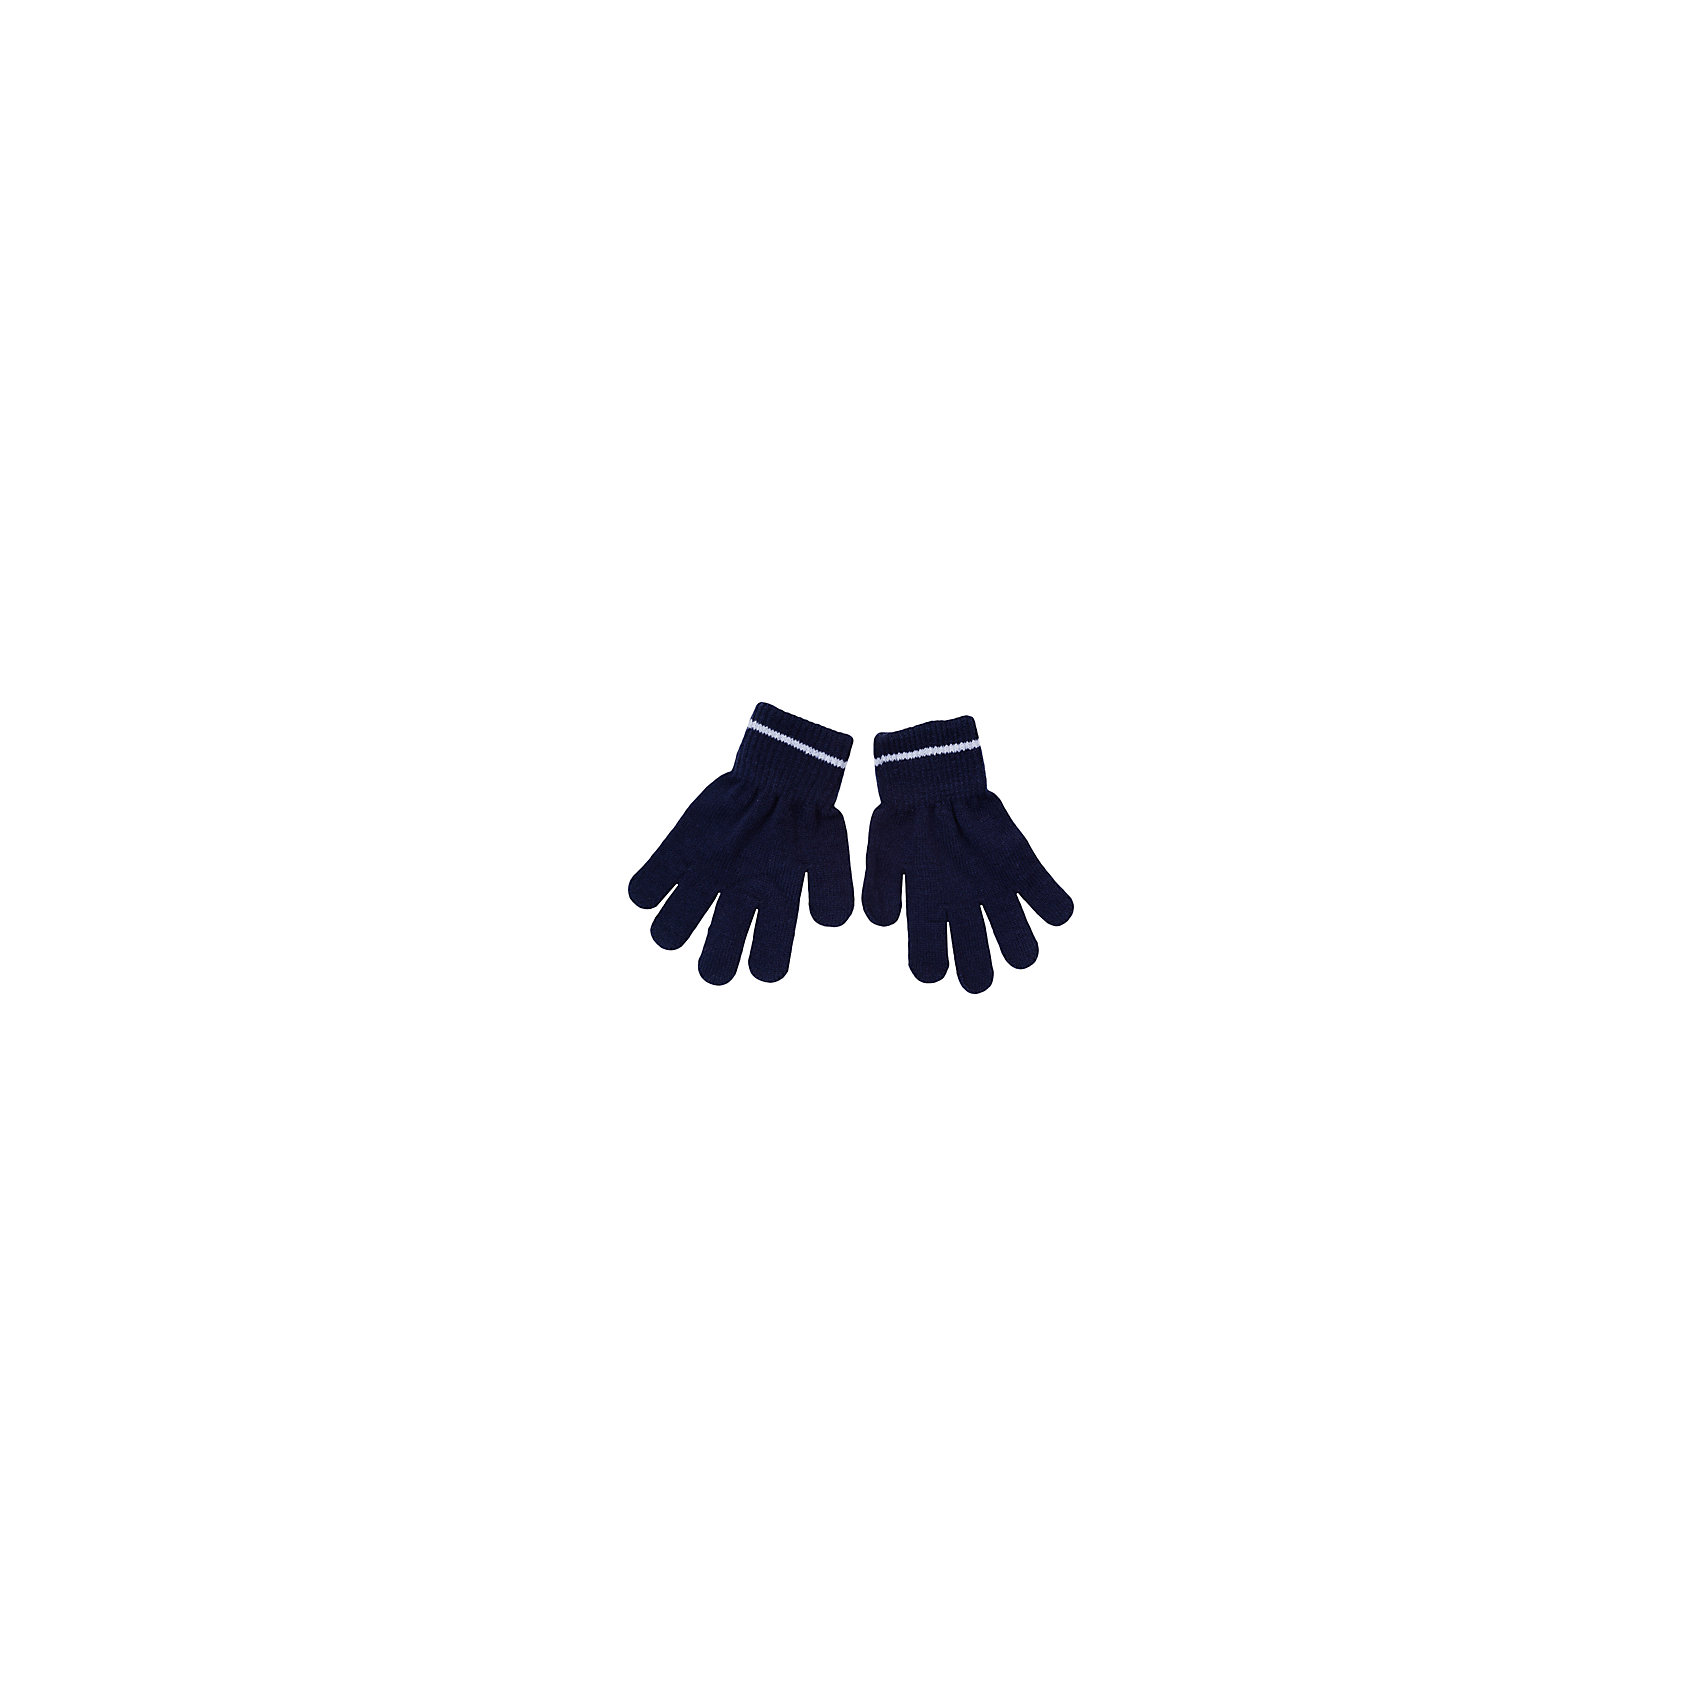 Перчатки для мальчика PlayTodayПерчатки для мальчика от известного бренда PlayToday.<br>Теплые перчатки из вязаного трикотажа. Верх на мягкой резинке с яркими полосками.<br>Состав:<br>100% акрил<br><br>Ширина мм: 162<br>Глубина мм: 171<br>Высота мм: 55<br>Вес г: 119<br>Цвет: разноцветный<br>Возраст от месяцев: 72<br>Возраст до месяцев: 96<br>Пол: Мужской<br>Возраст: Детский<br>Размер: 15,13,14<br>SKU: 4896876